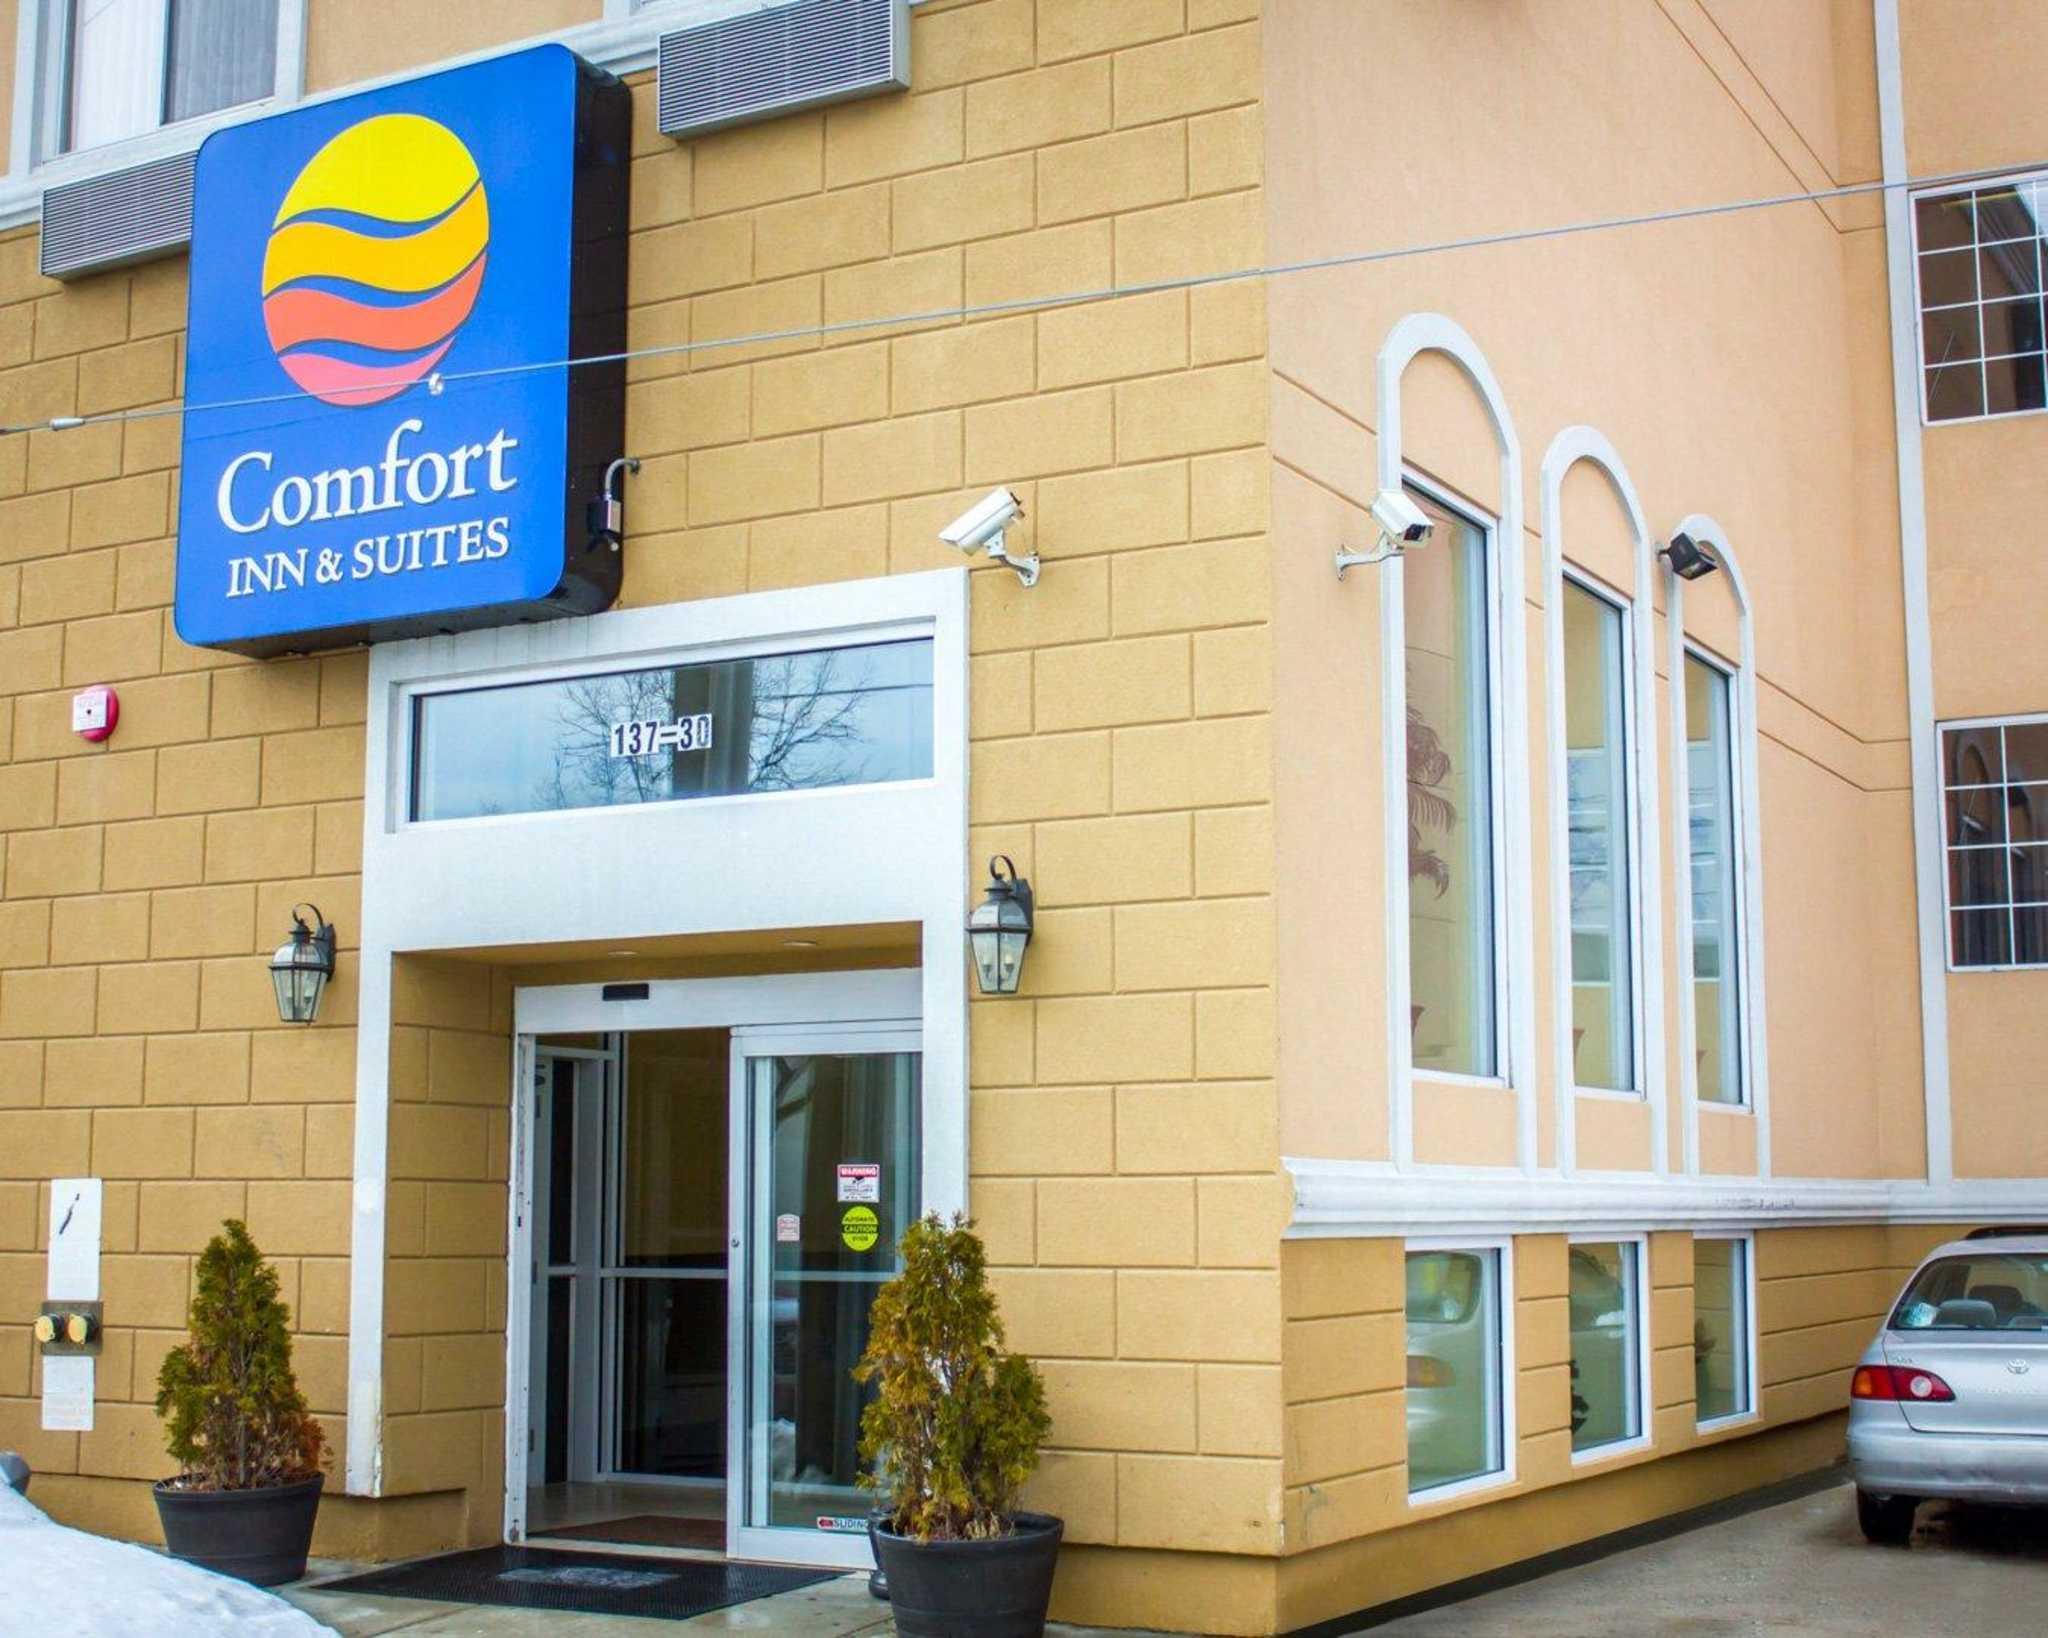 Comfort Inn Suites Jfk Airport At 137 30 Redding Street